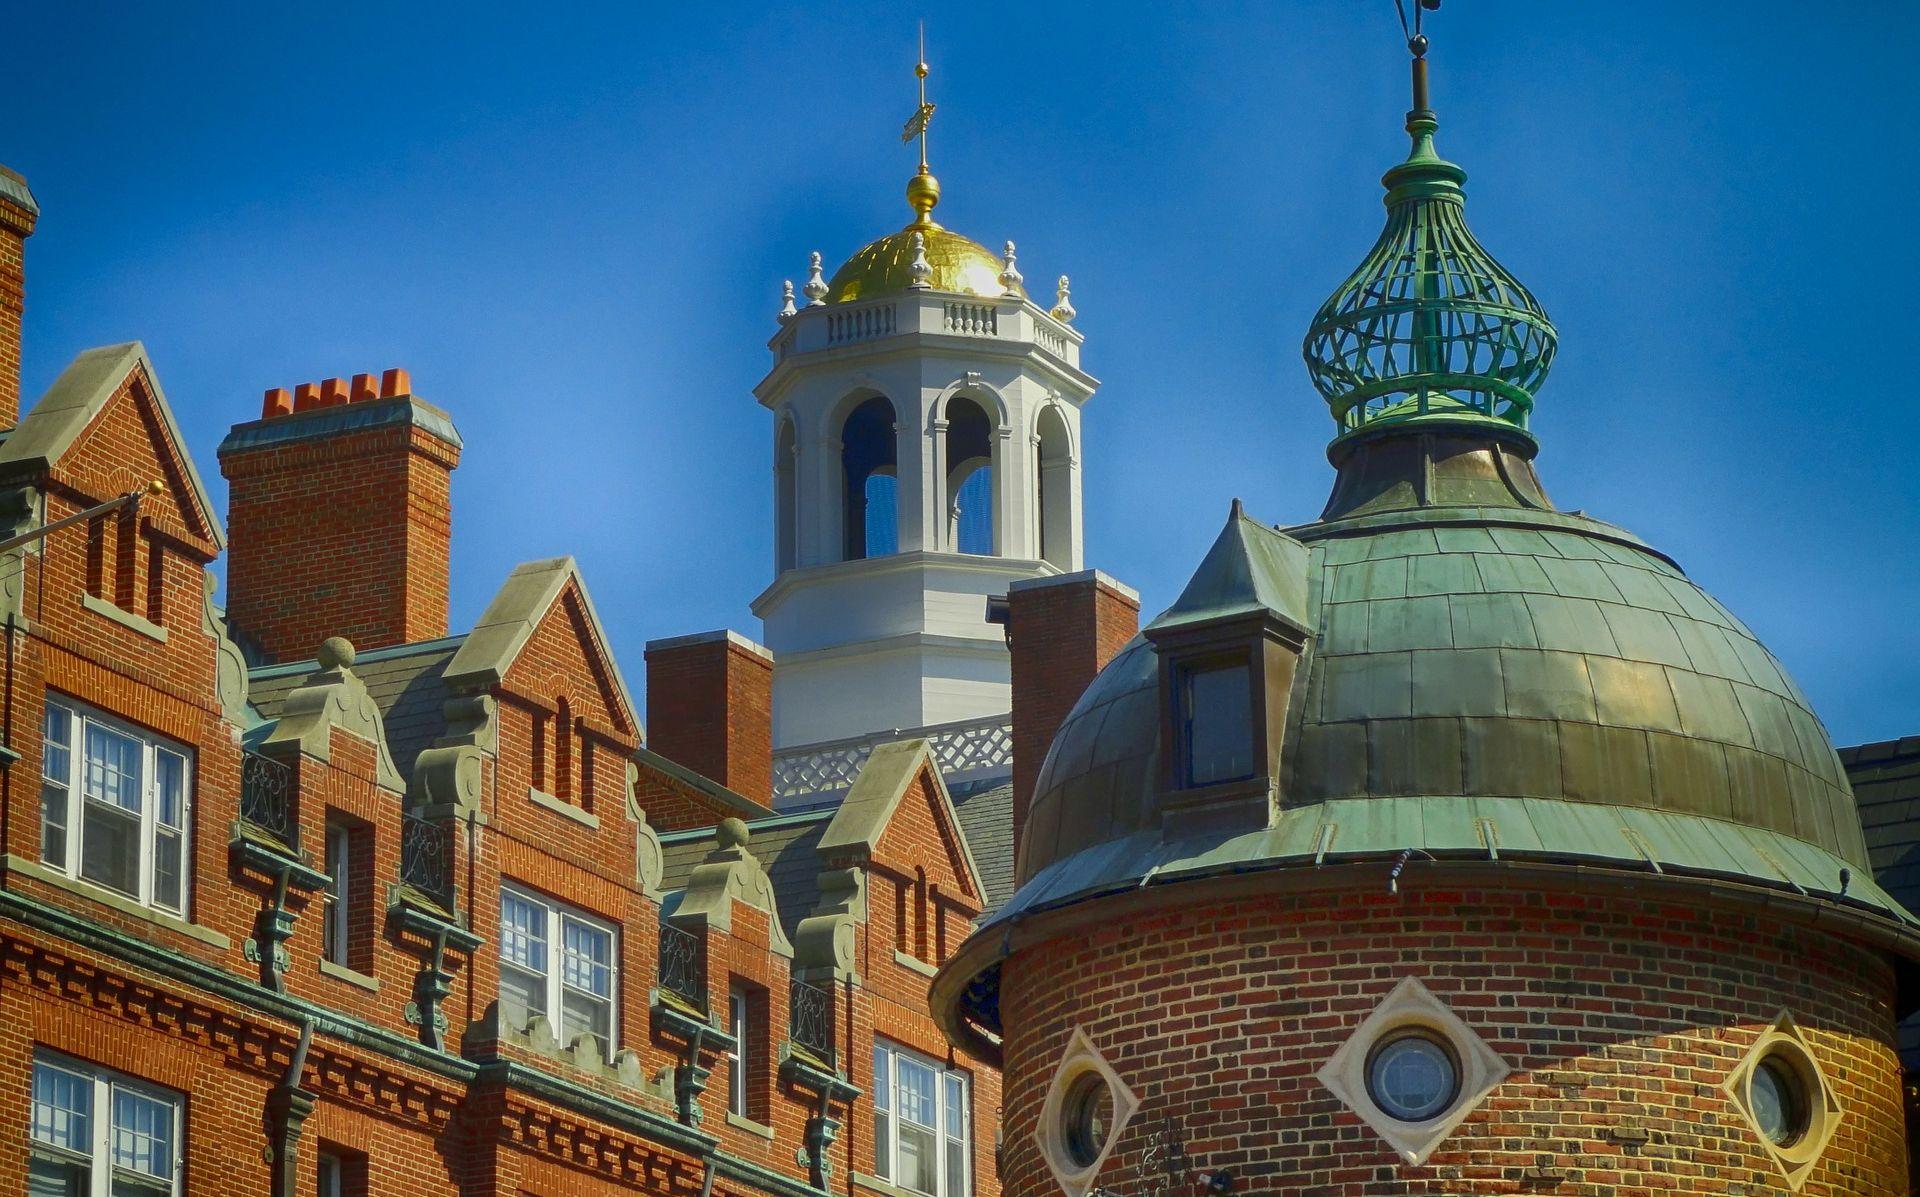 EVAKUACIJA U TIJEKU Dojava o postavljenoj bombi na Sveučilištu Harvard